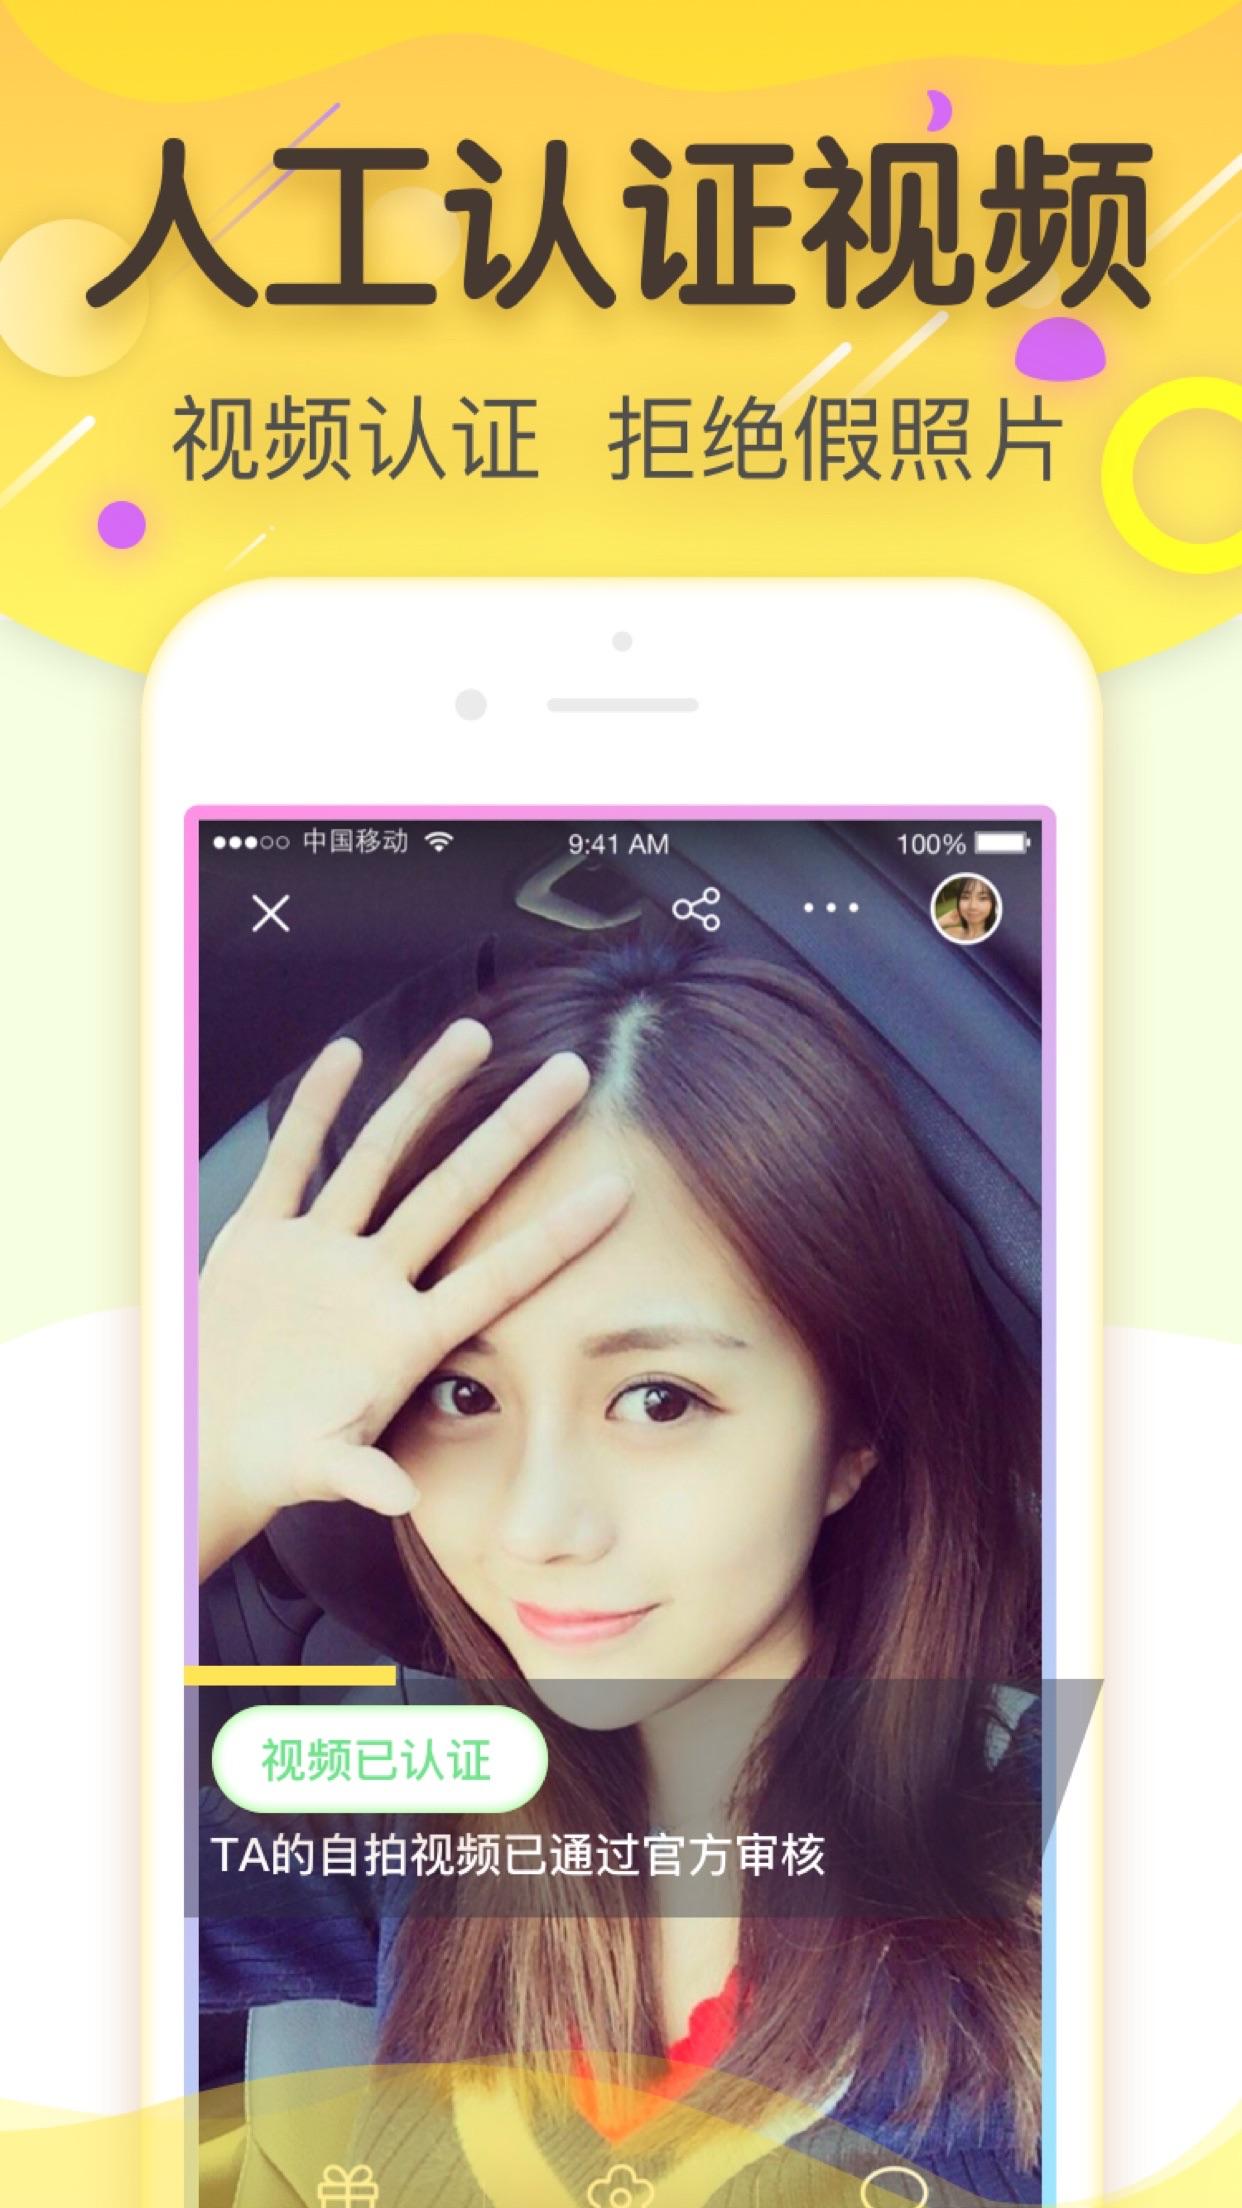 美丽约 - 快速约见面 Screenshot